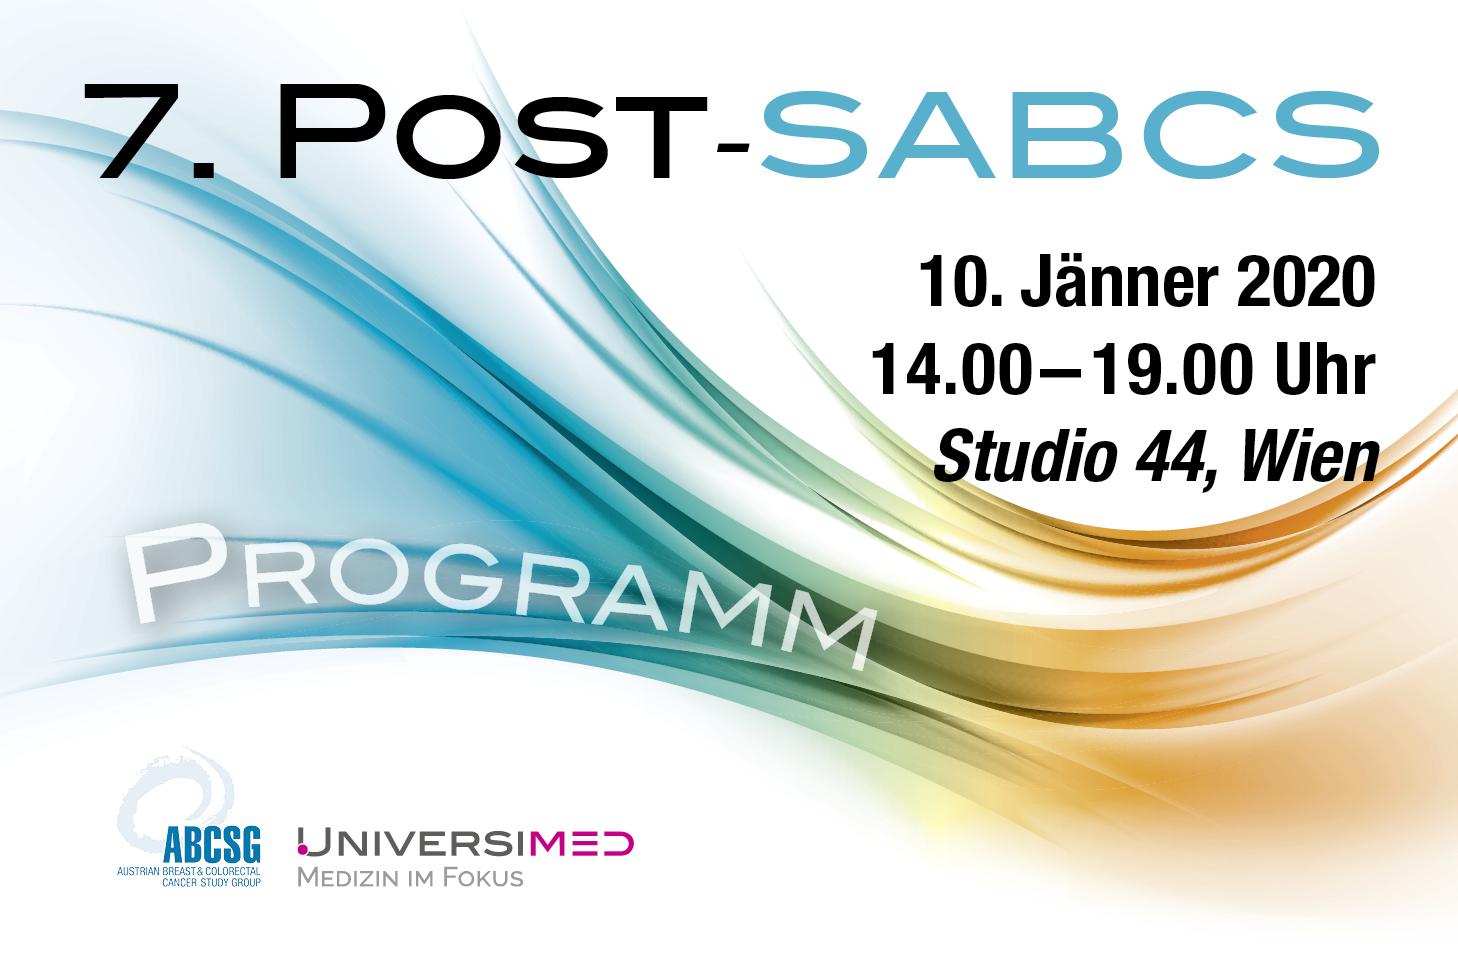 7. Post-SABCS am 10. Januar 2020 in Wien